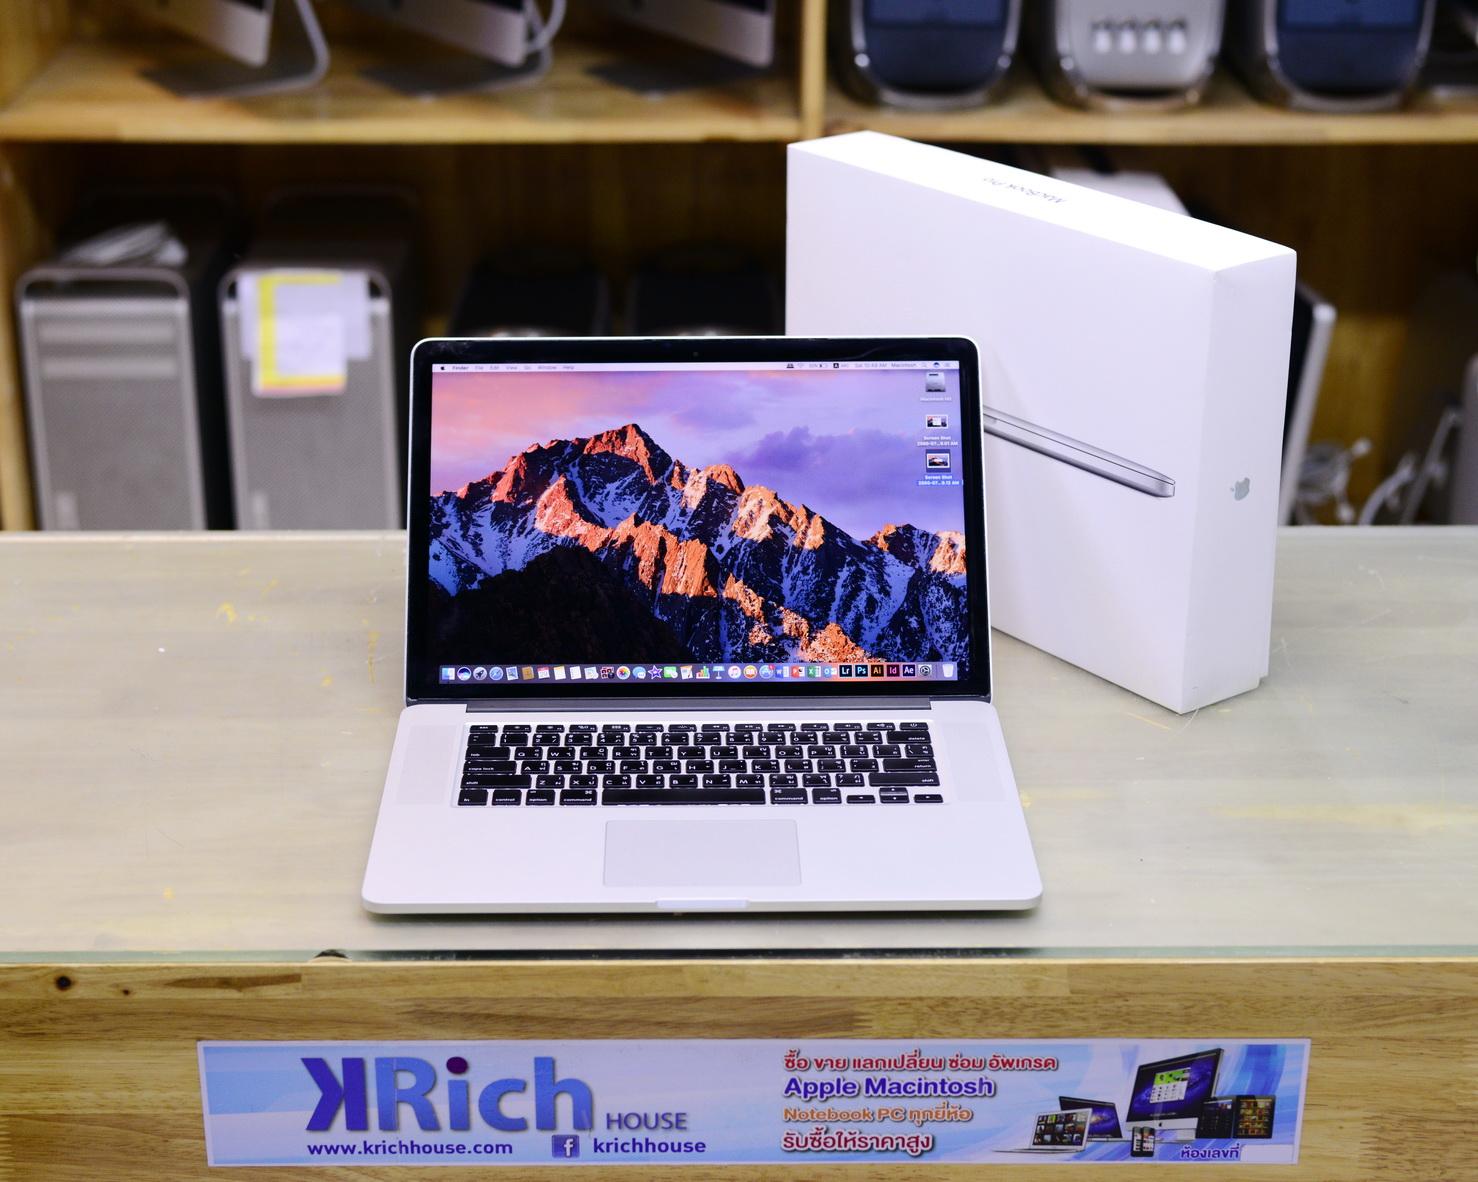 TOP MODEL - MacBook Pro (Retina 15-inch Mid 2012) i7 2.6GHz RAM 16GB SSD 512GB Nvidia GeForce GT 650M 1GB - FullBox